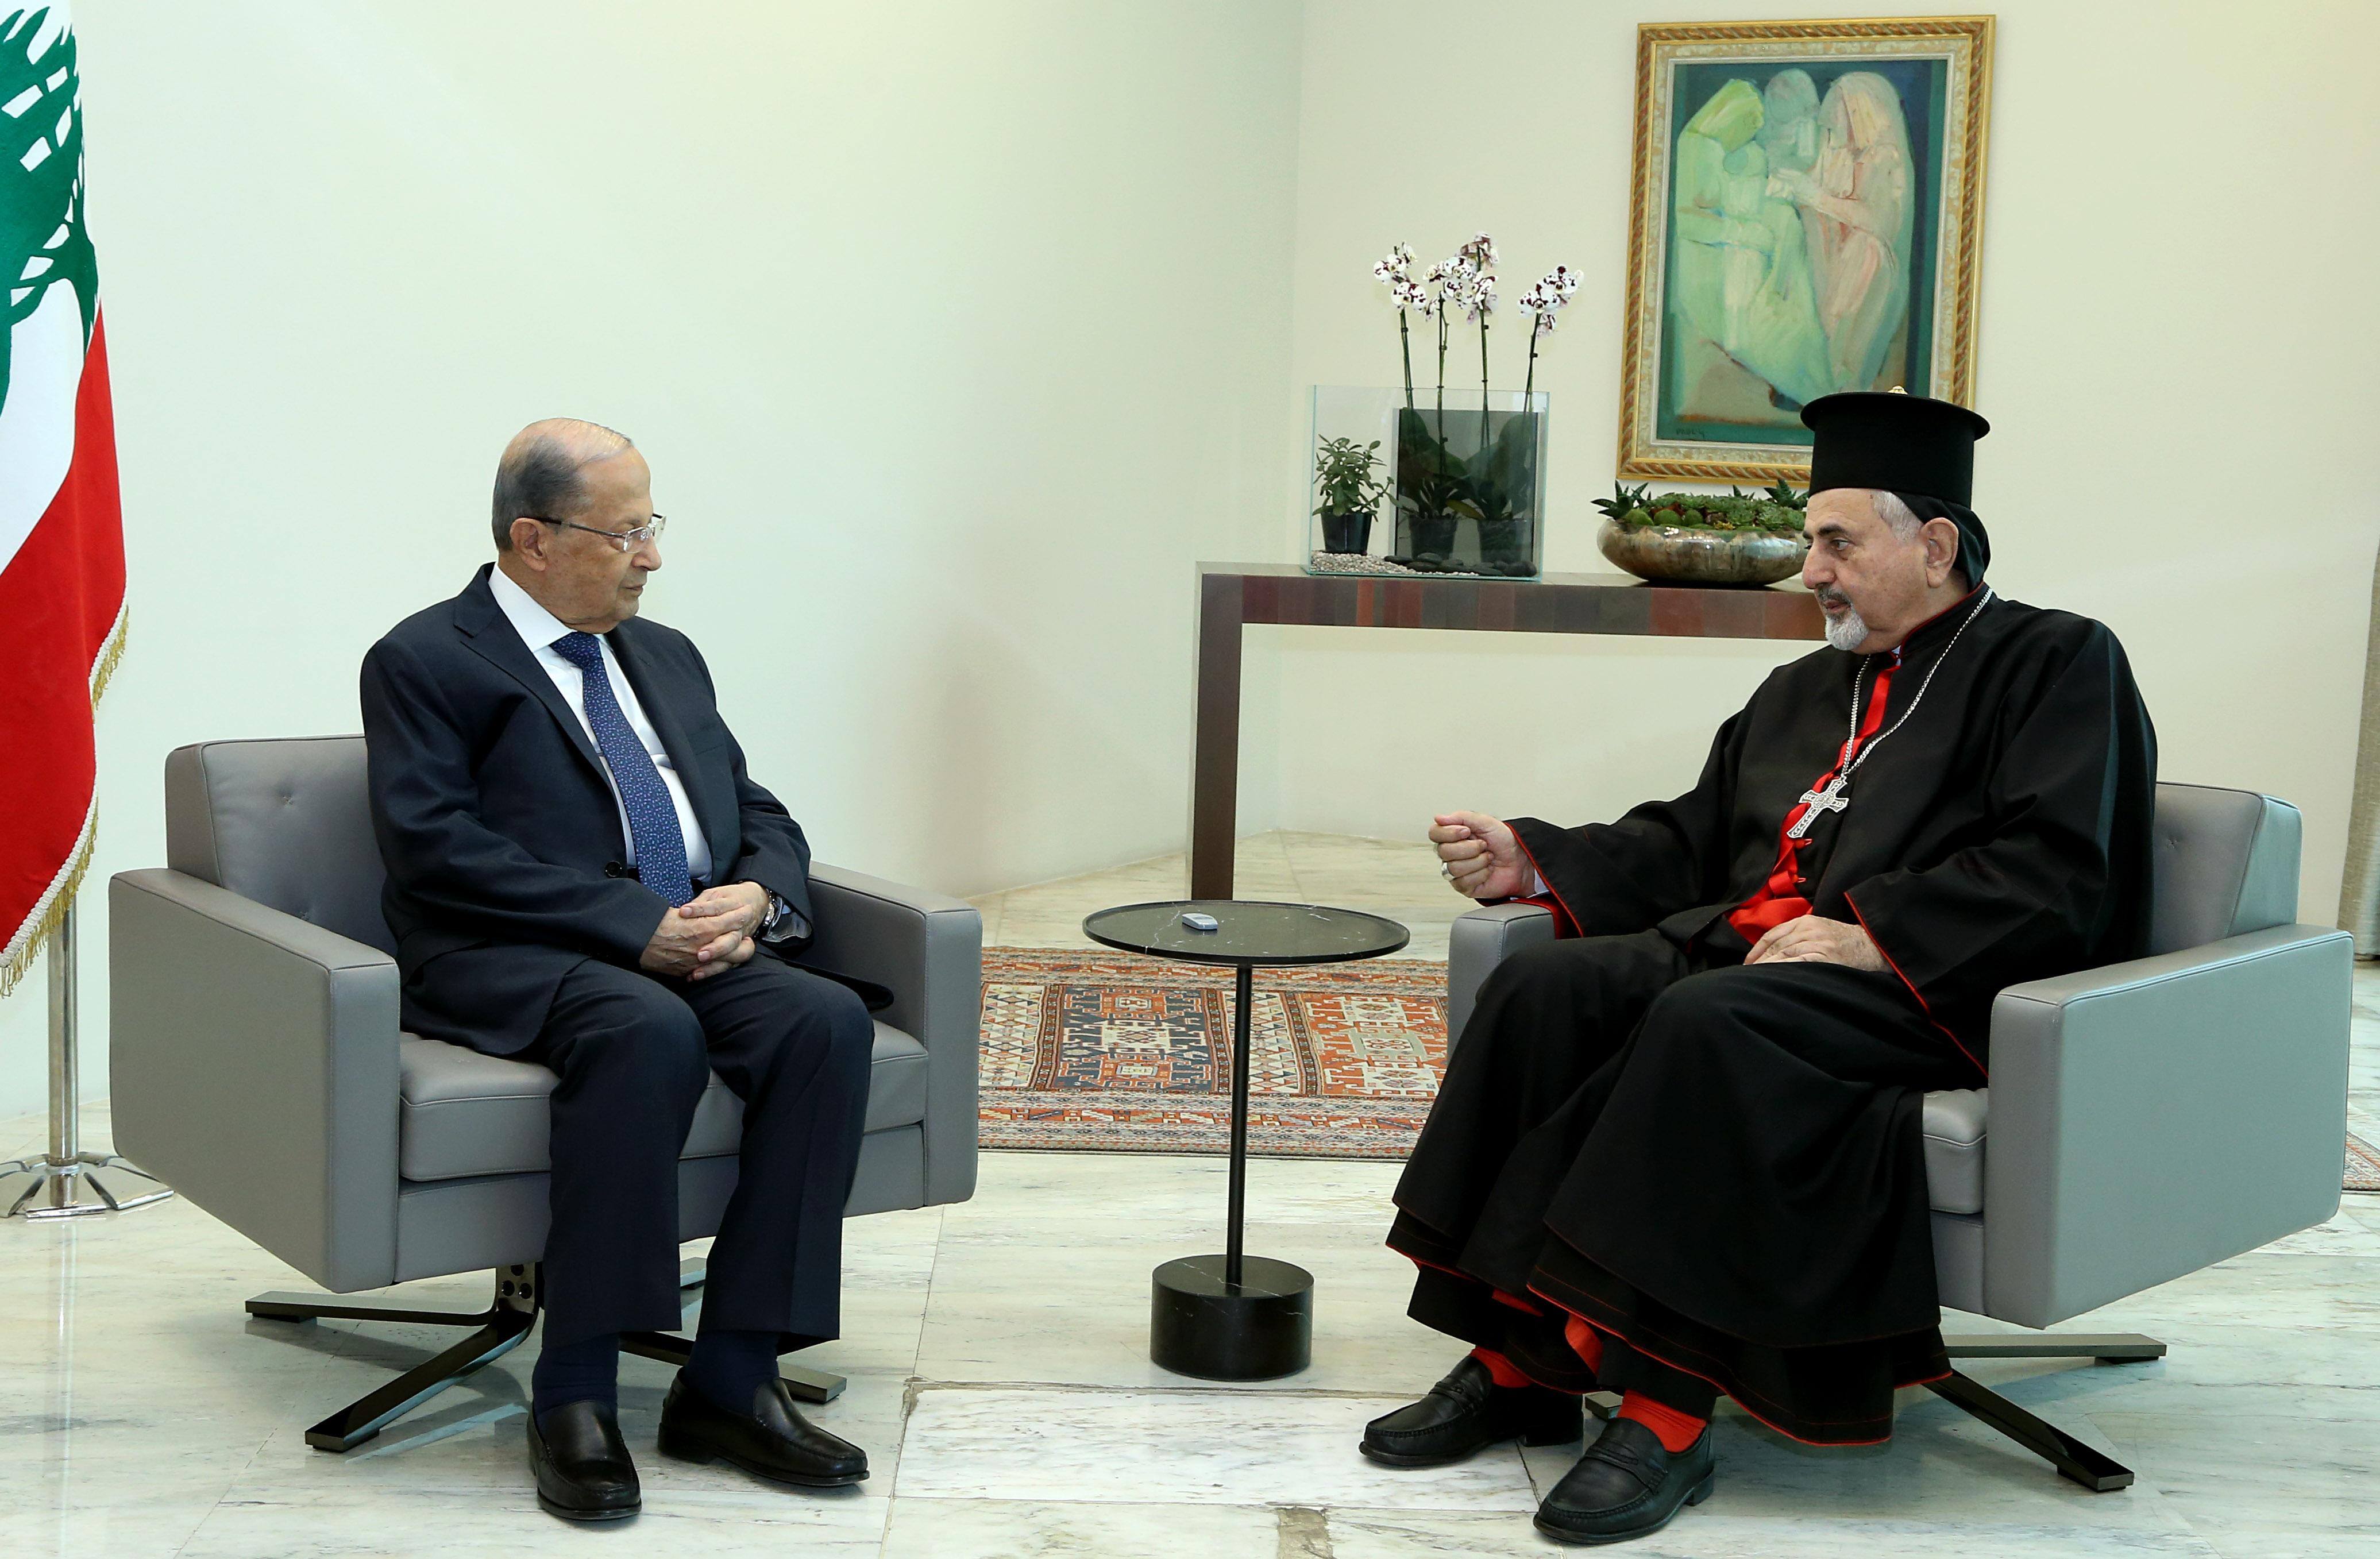 02 - Patriarch Mor Ignatius Youssef III Younan